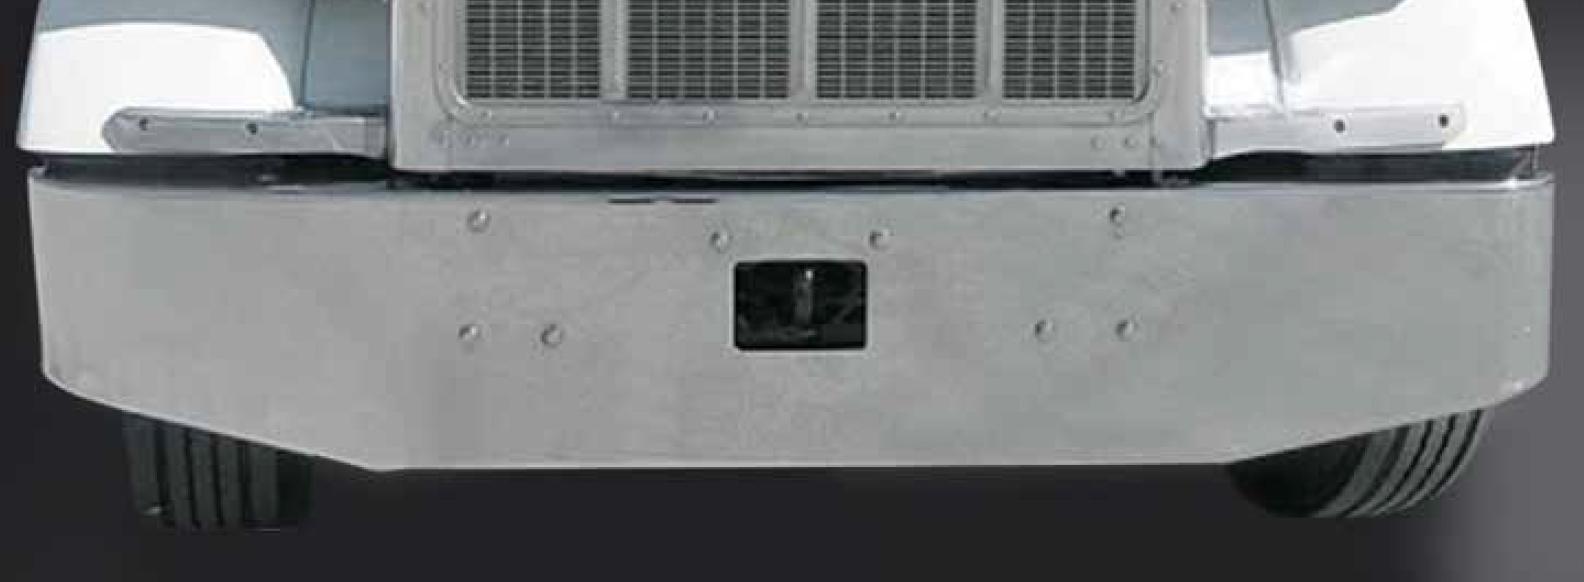 Details about Peterbilt 379 Chrome Bumper - 16